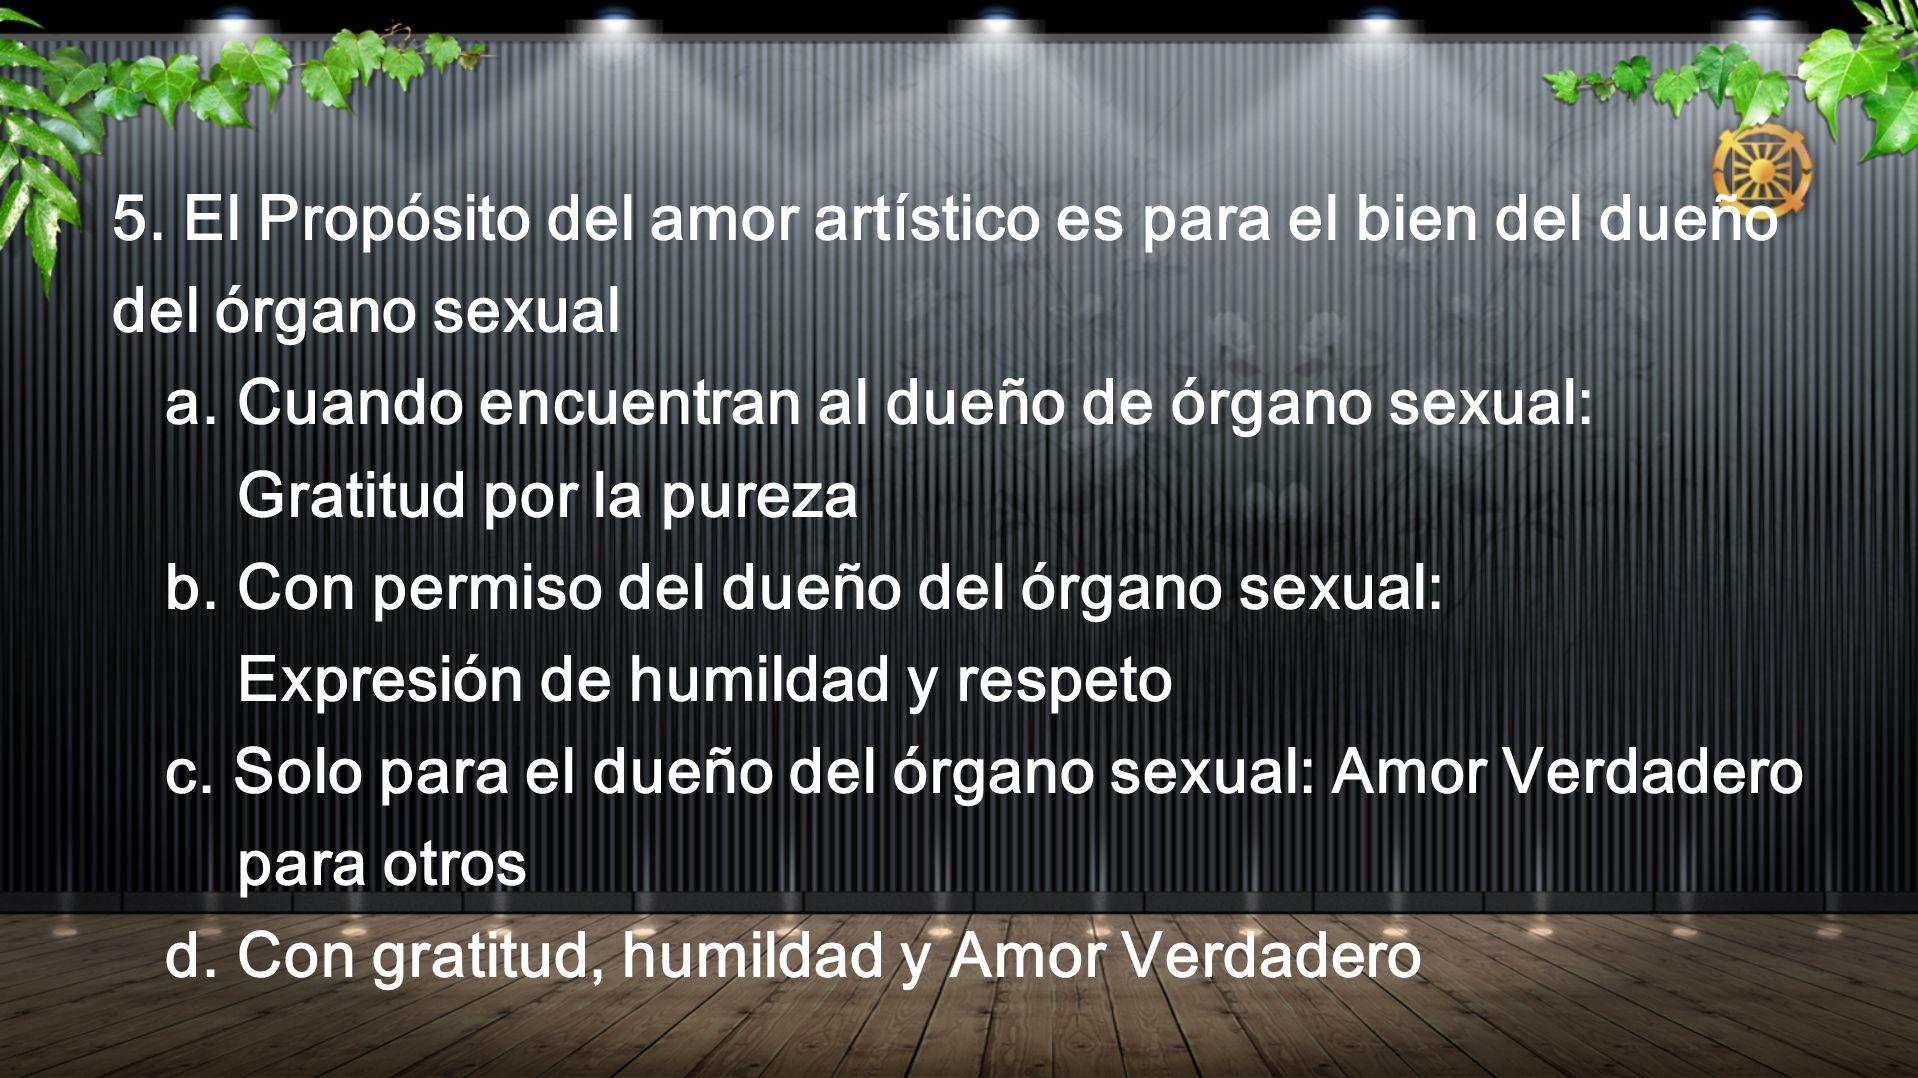 5. El Propósito del amor artístico es para el bien del dueño del órgano sexual